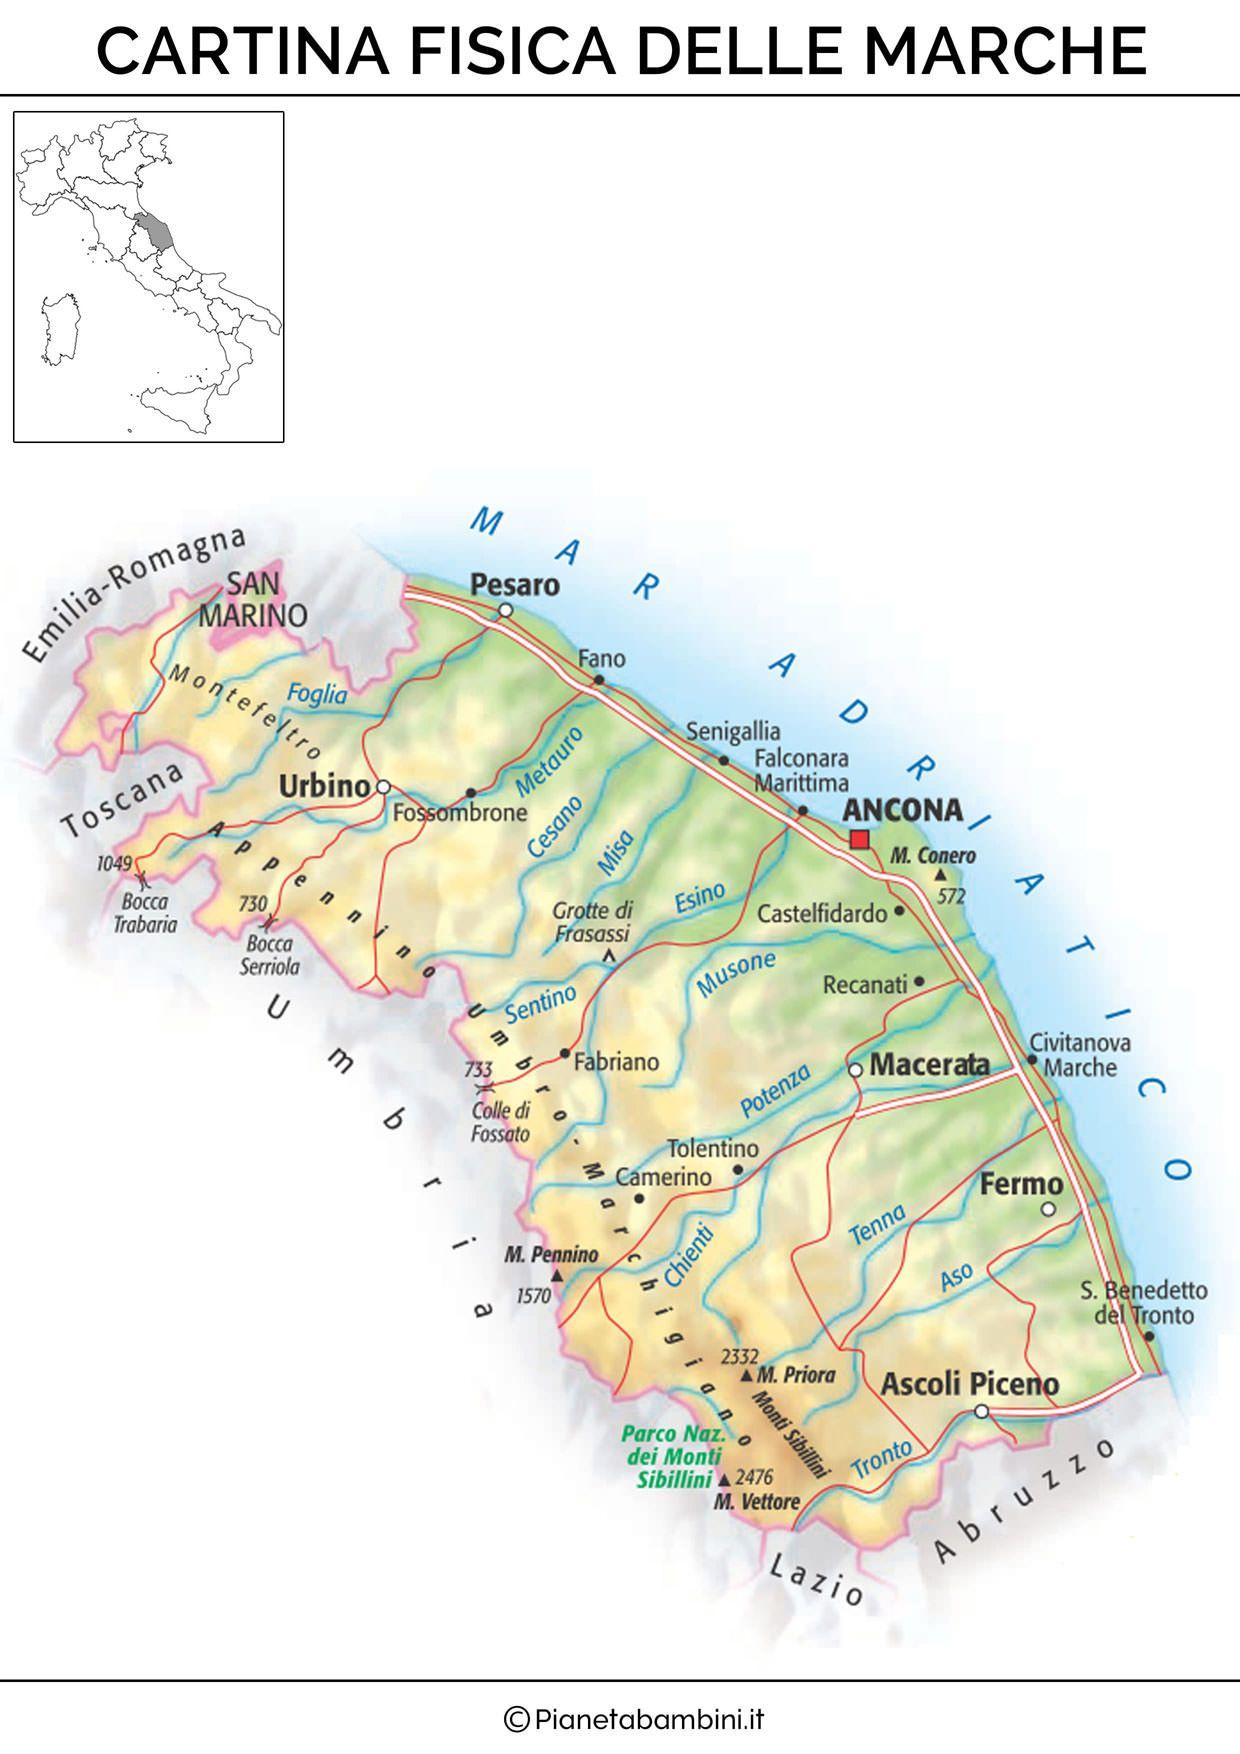 Cartina Fisica E Politica Delle Marche.Cartina Fisica Marche Mappe Mappa Geografia